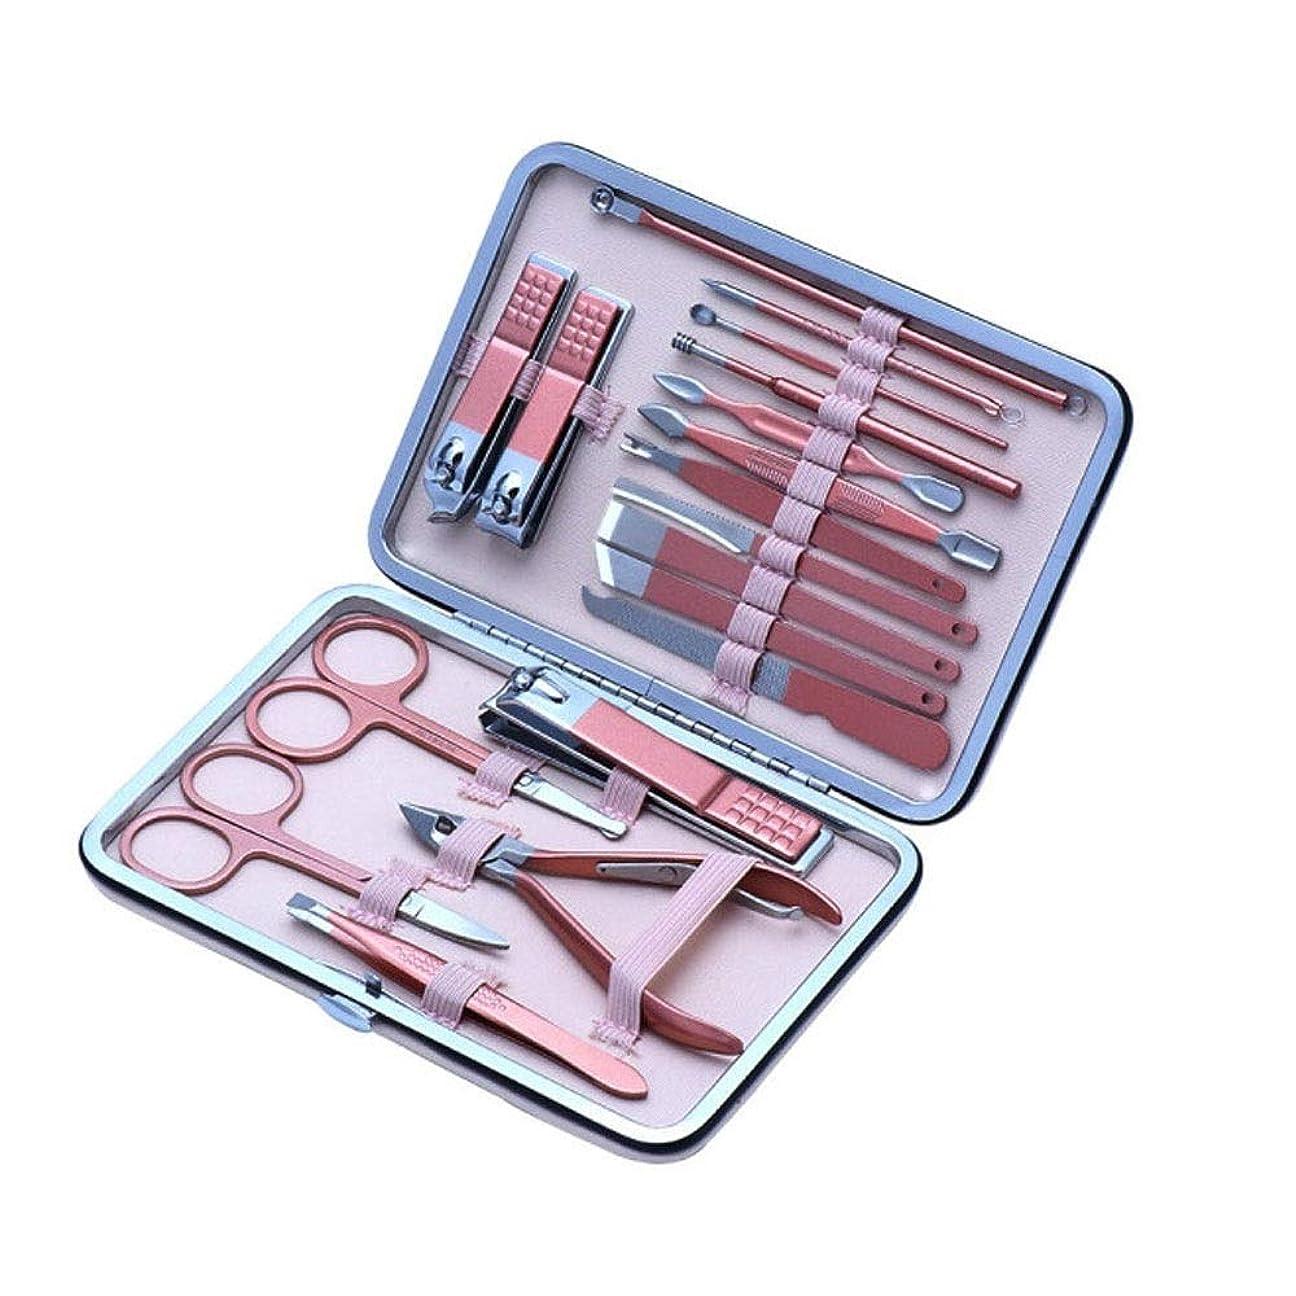 ナプキン何よりもアドバンテージマニキュアツール、18セットのステンレススチール爪切り、さまざまなツール、さまざまな修理、シャープで耐久性のある (Color : Pink)